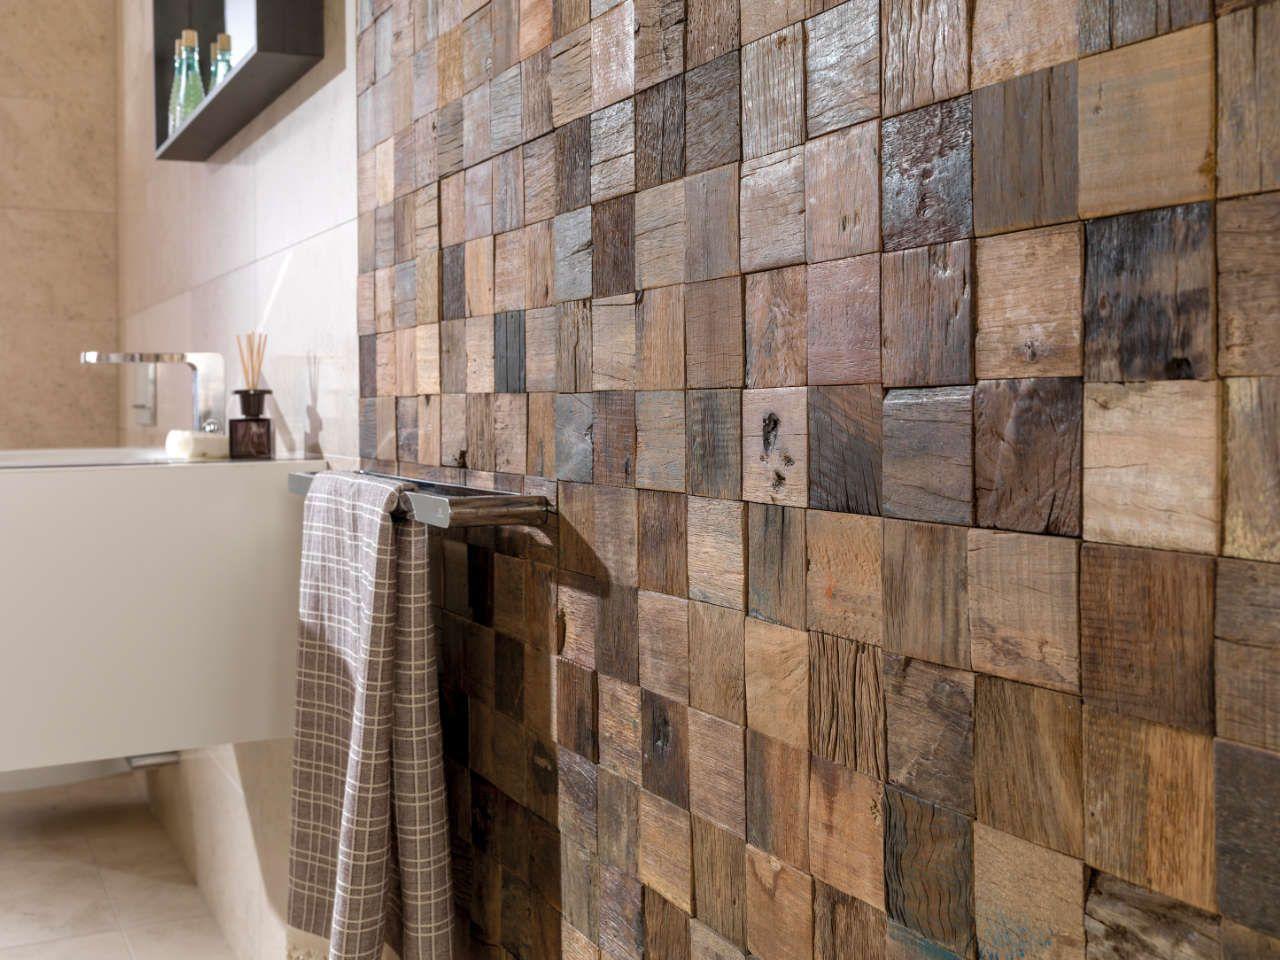 Foto revestimiento pared efecto madera en el ba o de maribel mart nez 1633271 habitissimo - Revestimientos madera para paredes interiores ...